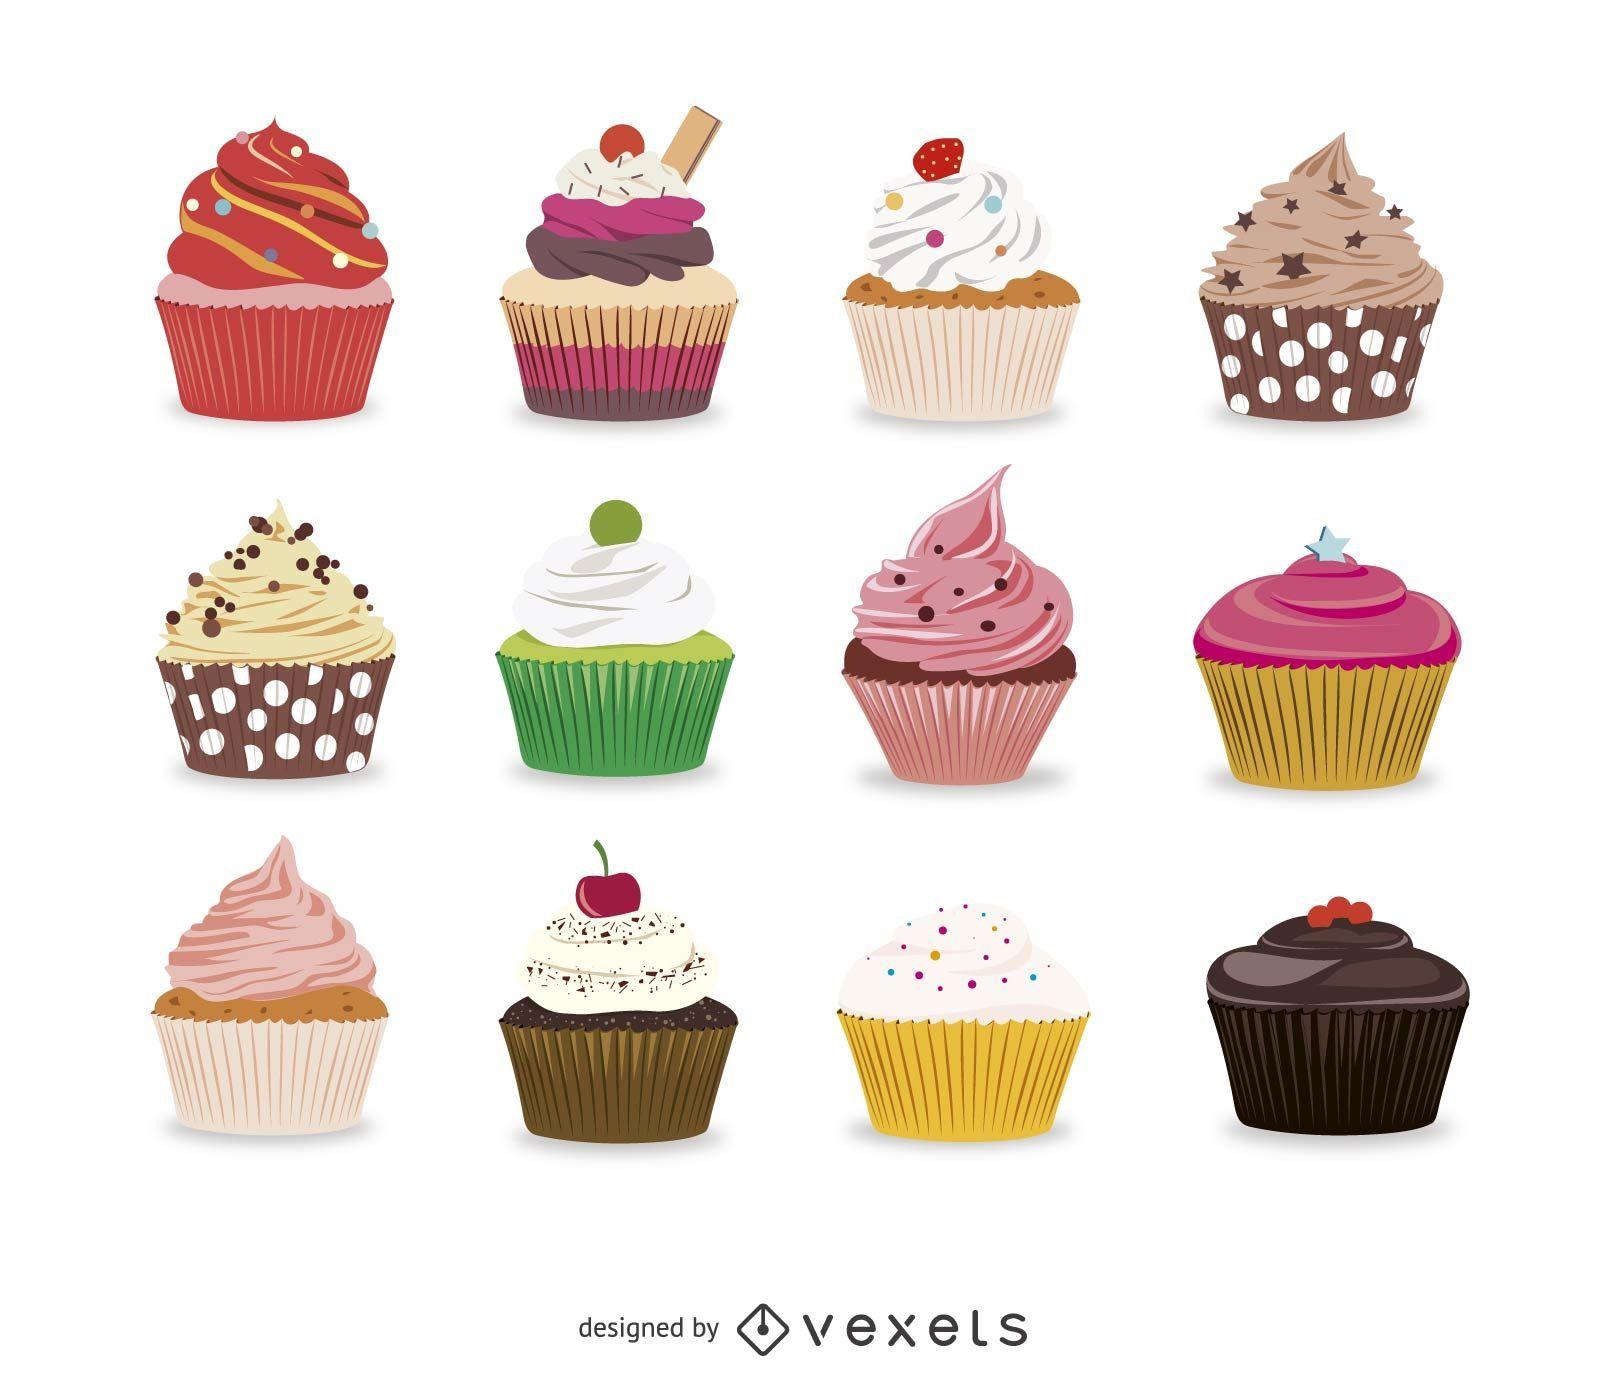 Coleção de cupcakes ilustrados